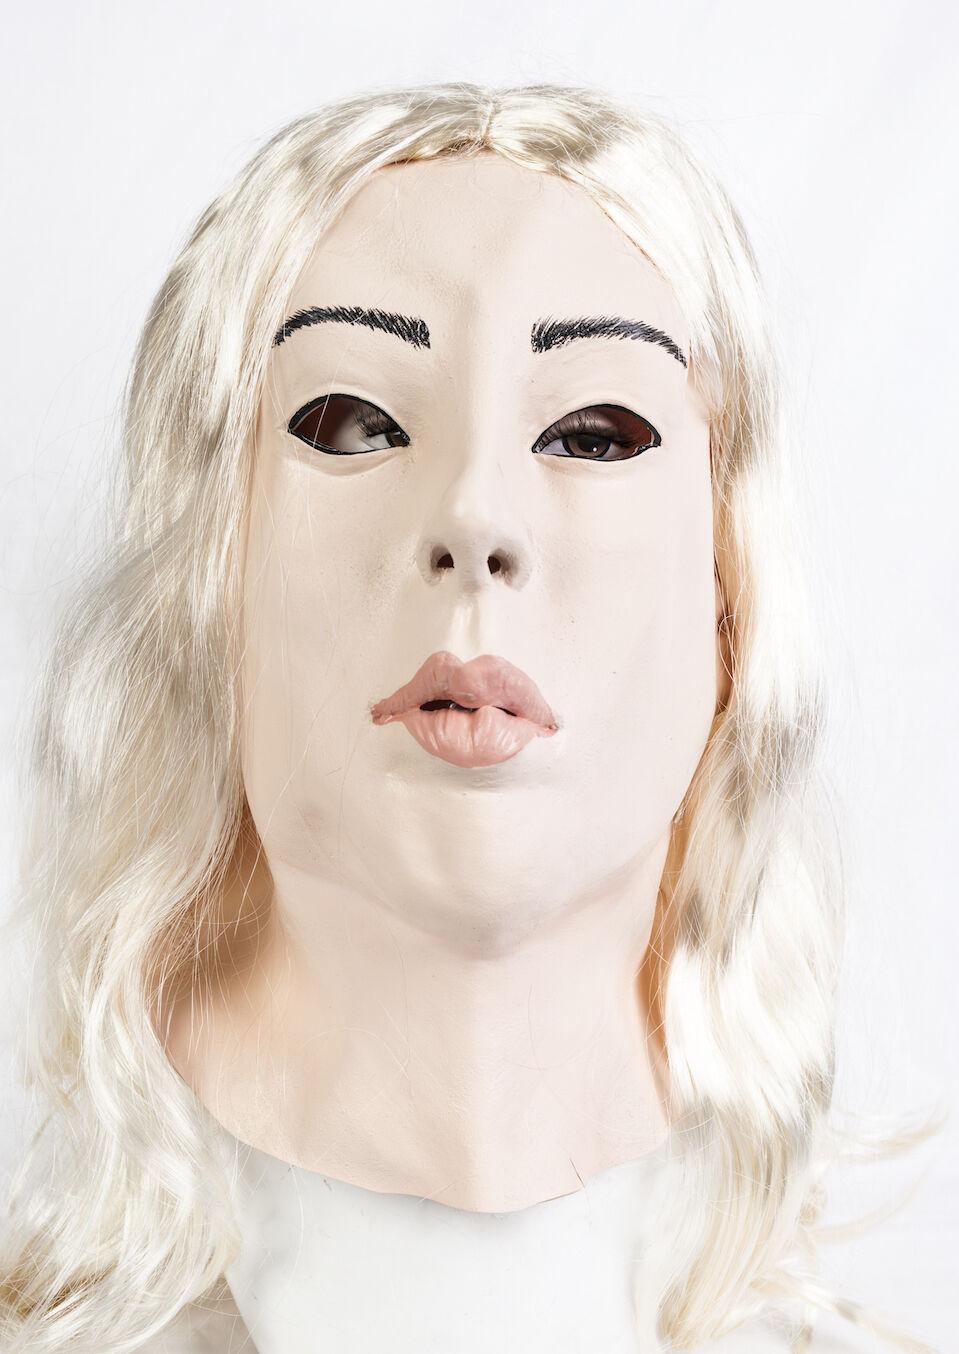 Weiblich Latex Latex Latex Maske Halloween Kostüm Masker Living Puppen Crossdresser  | Zuverlässige Leistung  | Der neueste Stil  | Schön und charmant  | Sonderangebot  | Preiszugeständnisse  1275d2